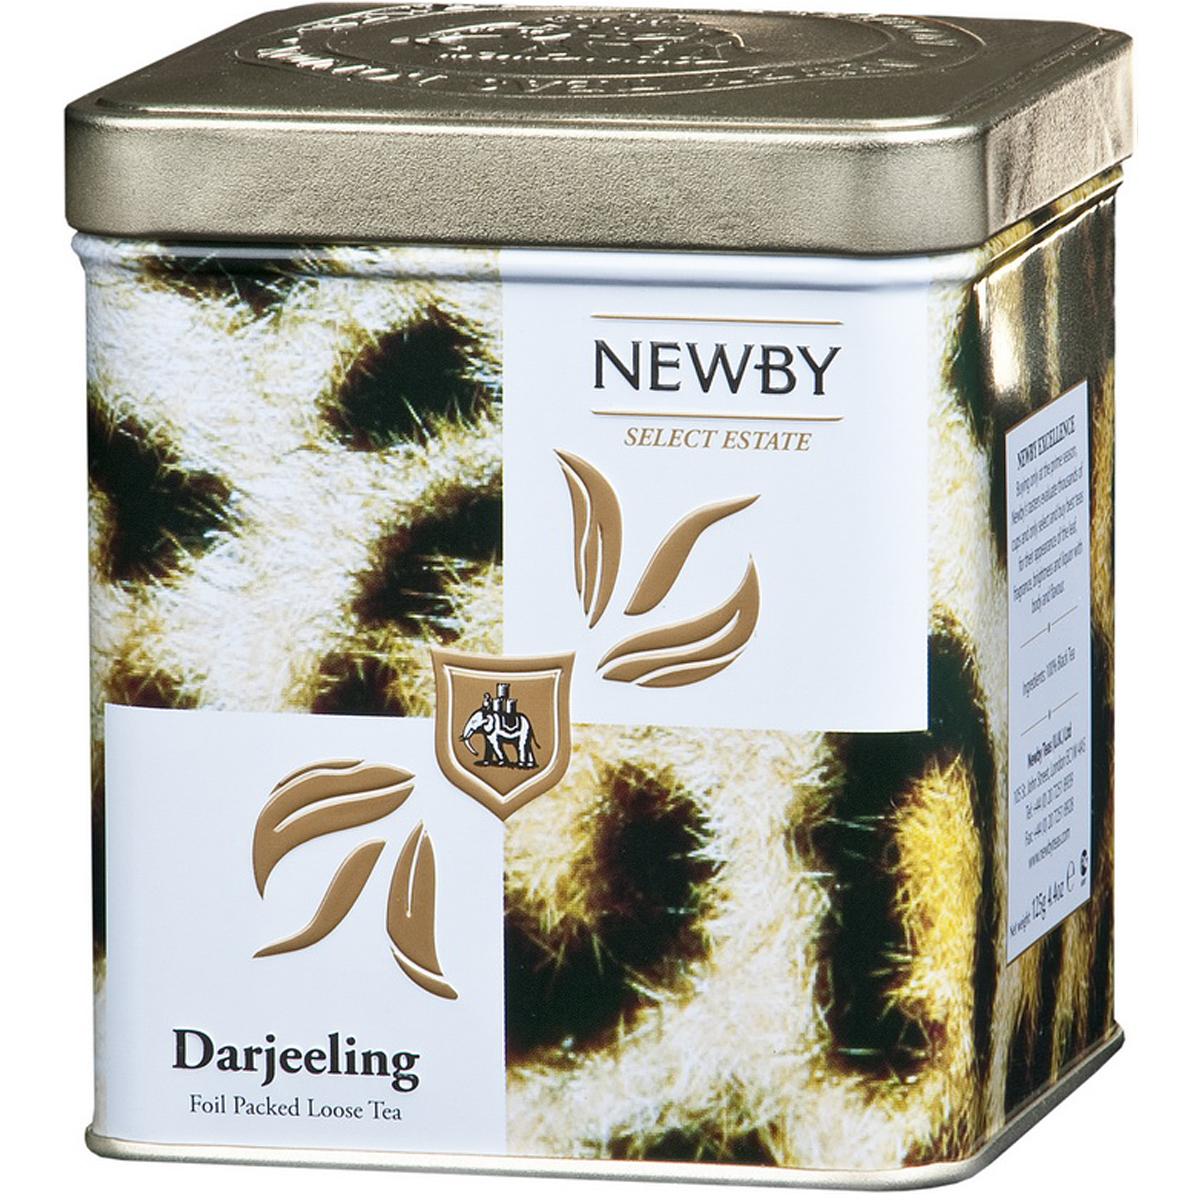 Newby Darjeeling Safari черный листовой чай, 125 г132020Чай Newby Darjeeling Safari получил название шампанского среди чаев. Серебристые типсы с зеленоватыми листьями, светло-янтарный настой, цветочный аромат и немного вяжущий мускатный привкус.